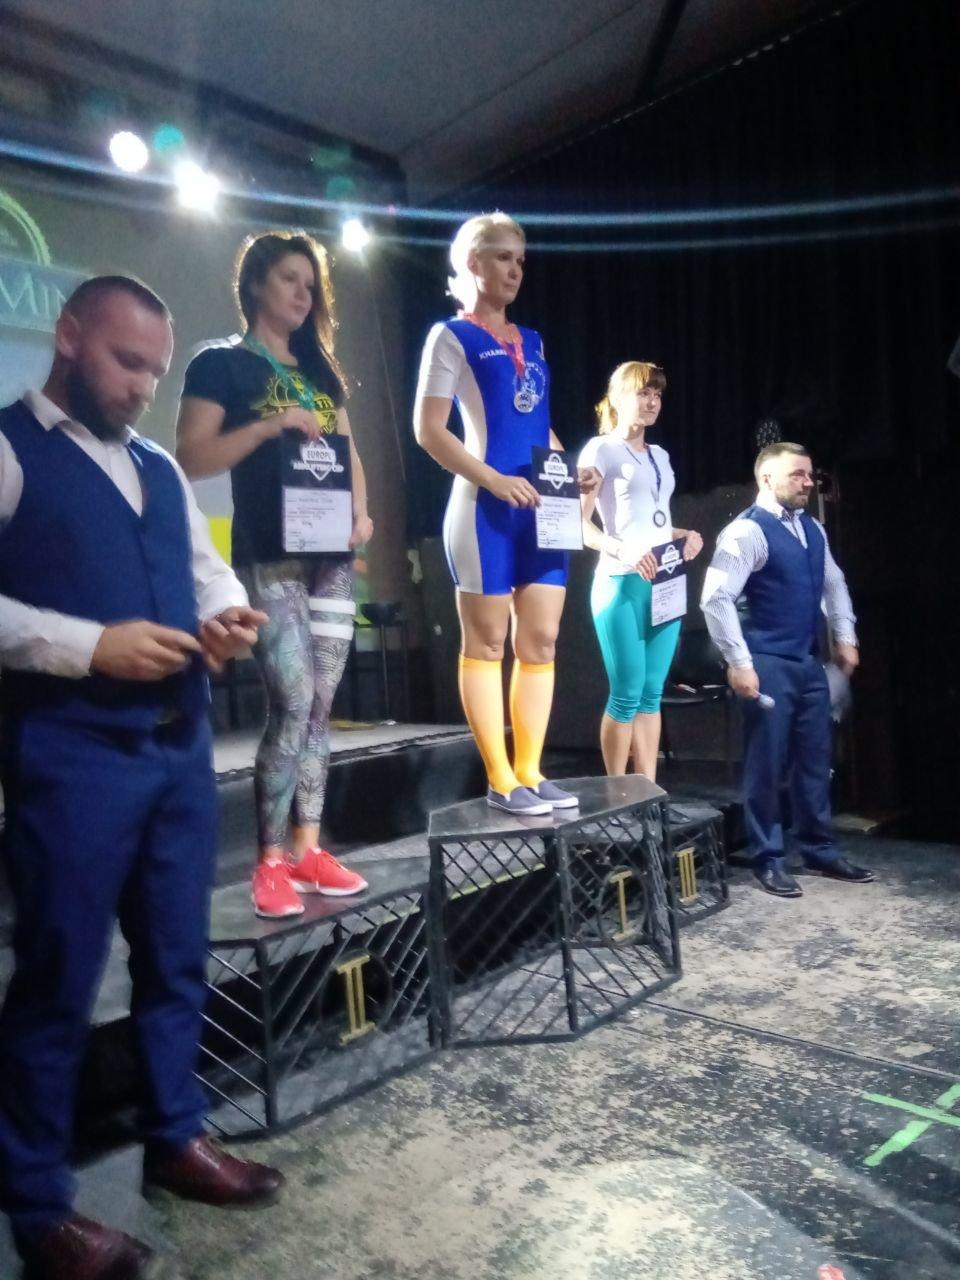 Установила три мировых рекорда: каменчанка стала четырехкратной чемпионкой Кубка Европы поармлифтингу, фото-5